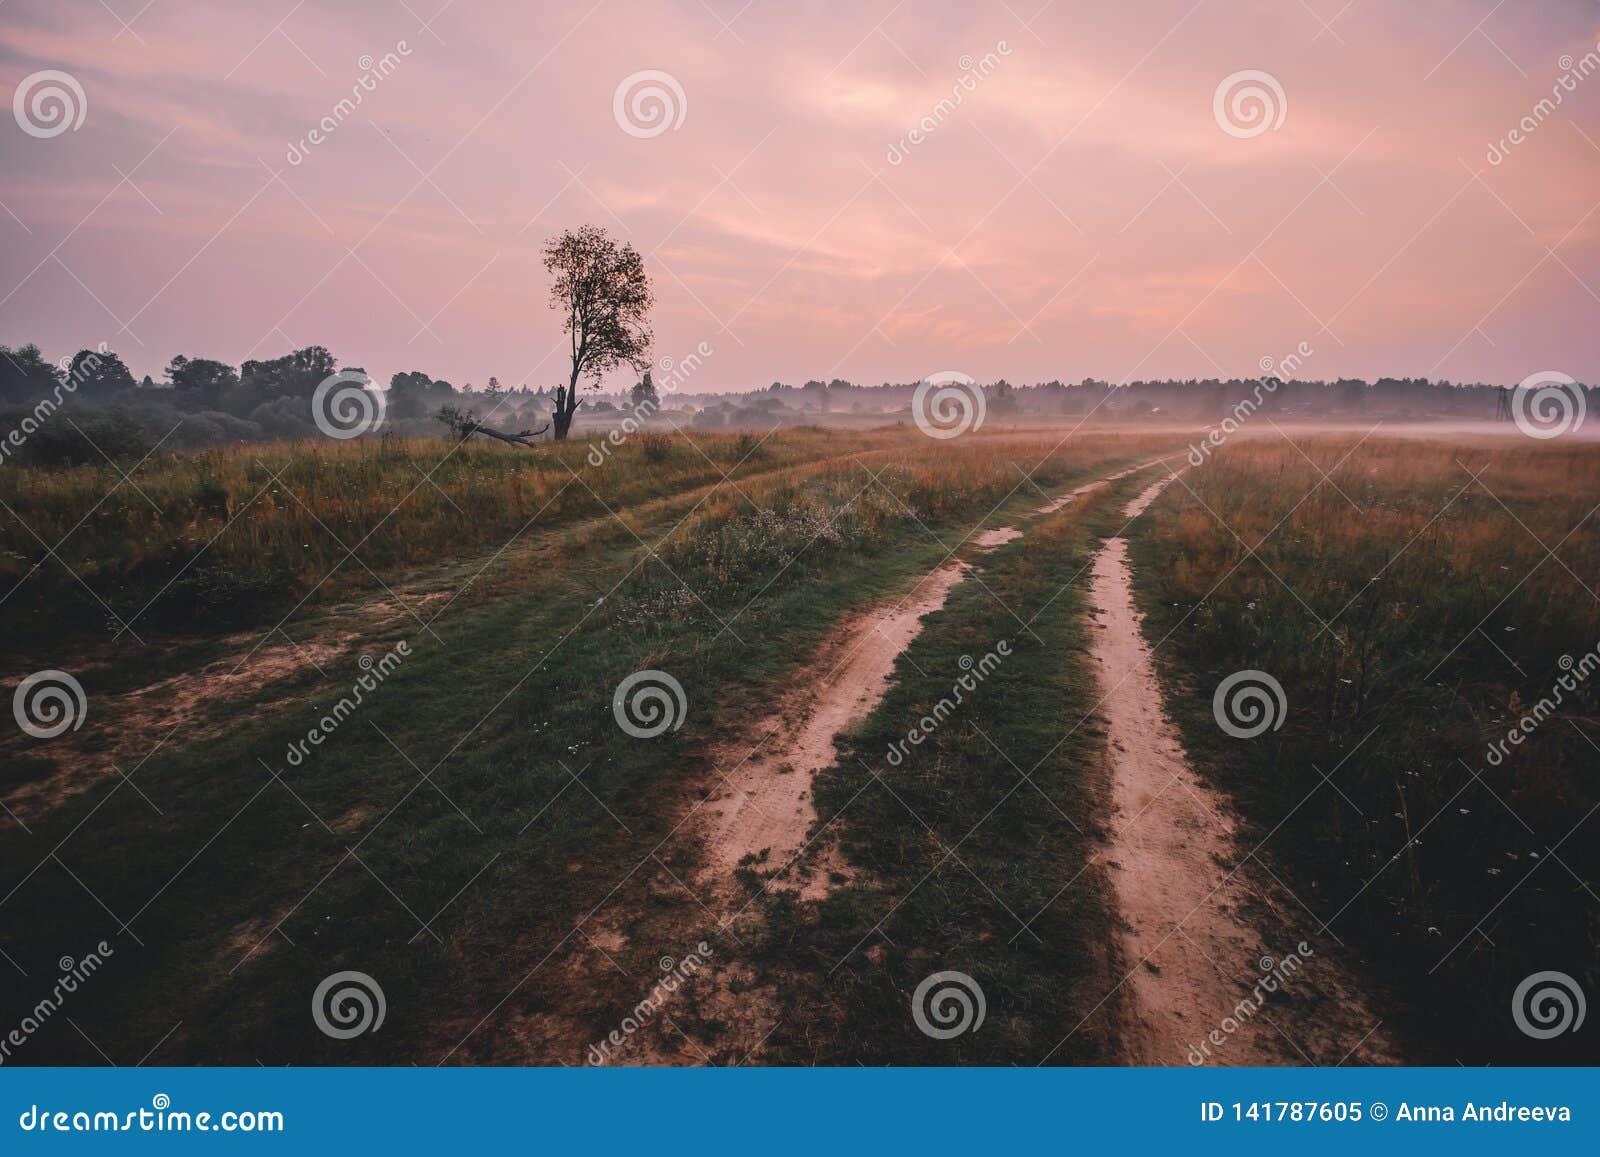 Dimma över landsvägen och ensamt träd utan sidor med solnedgången på bakgrund